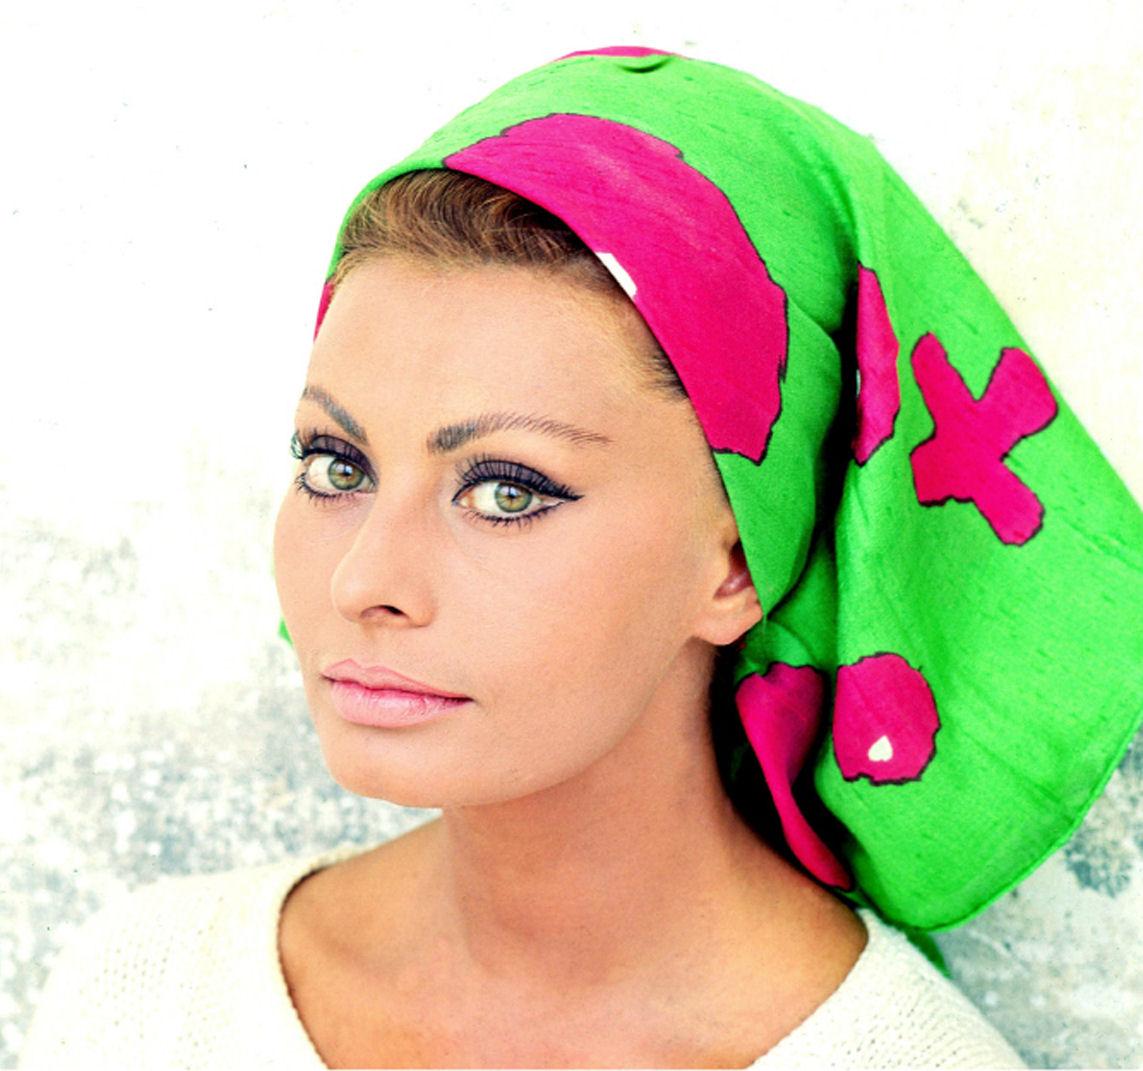 Sophia_Loren_Kosty555.info_099